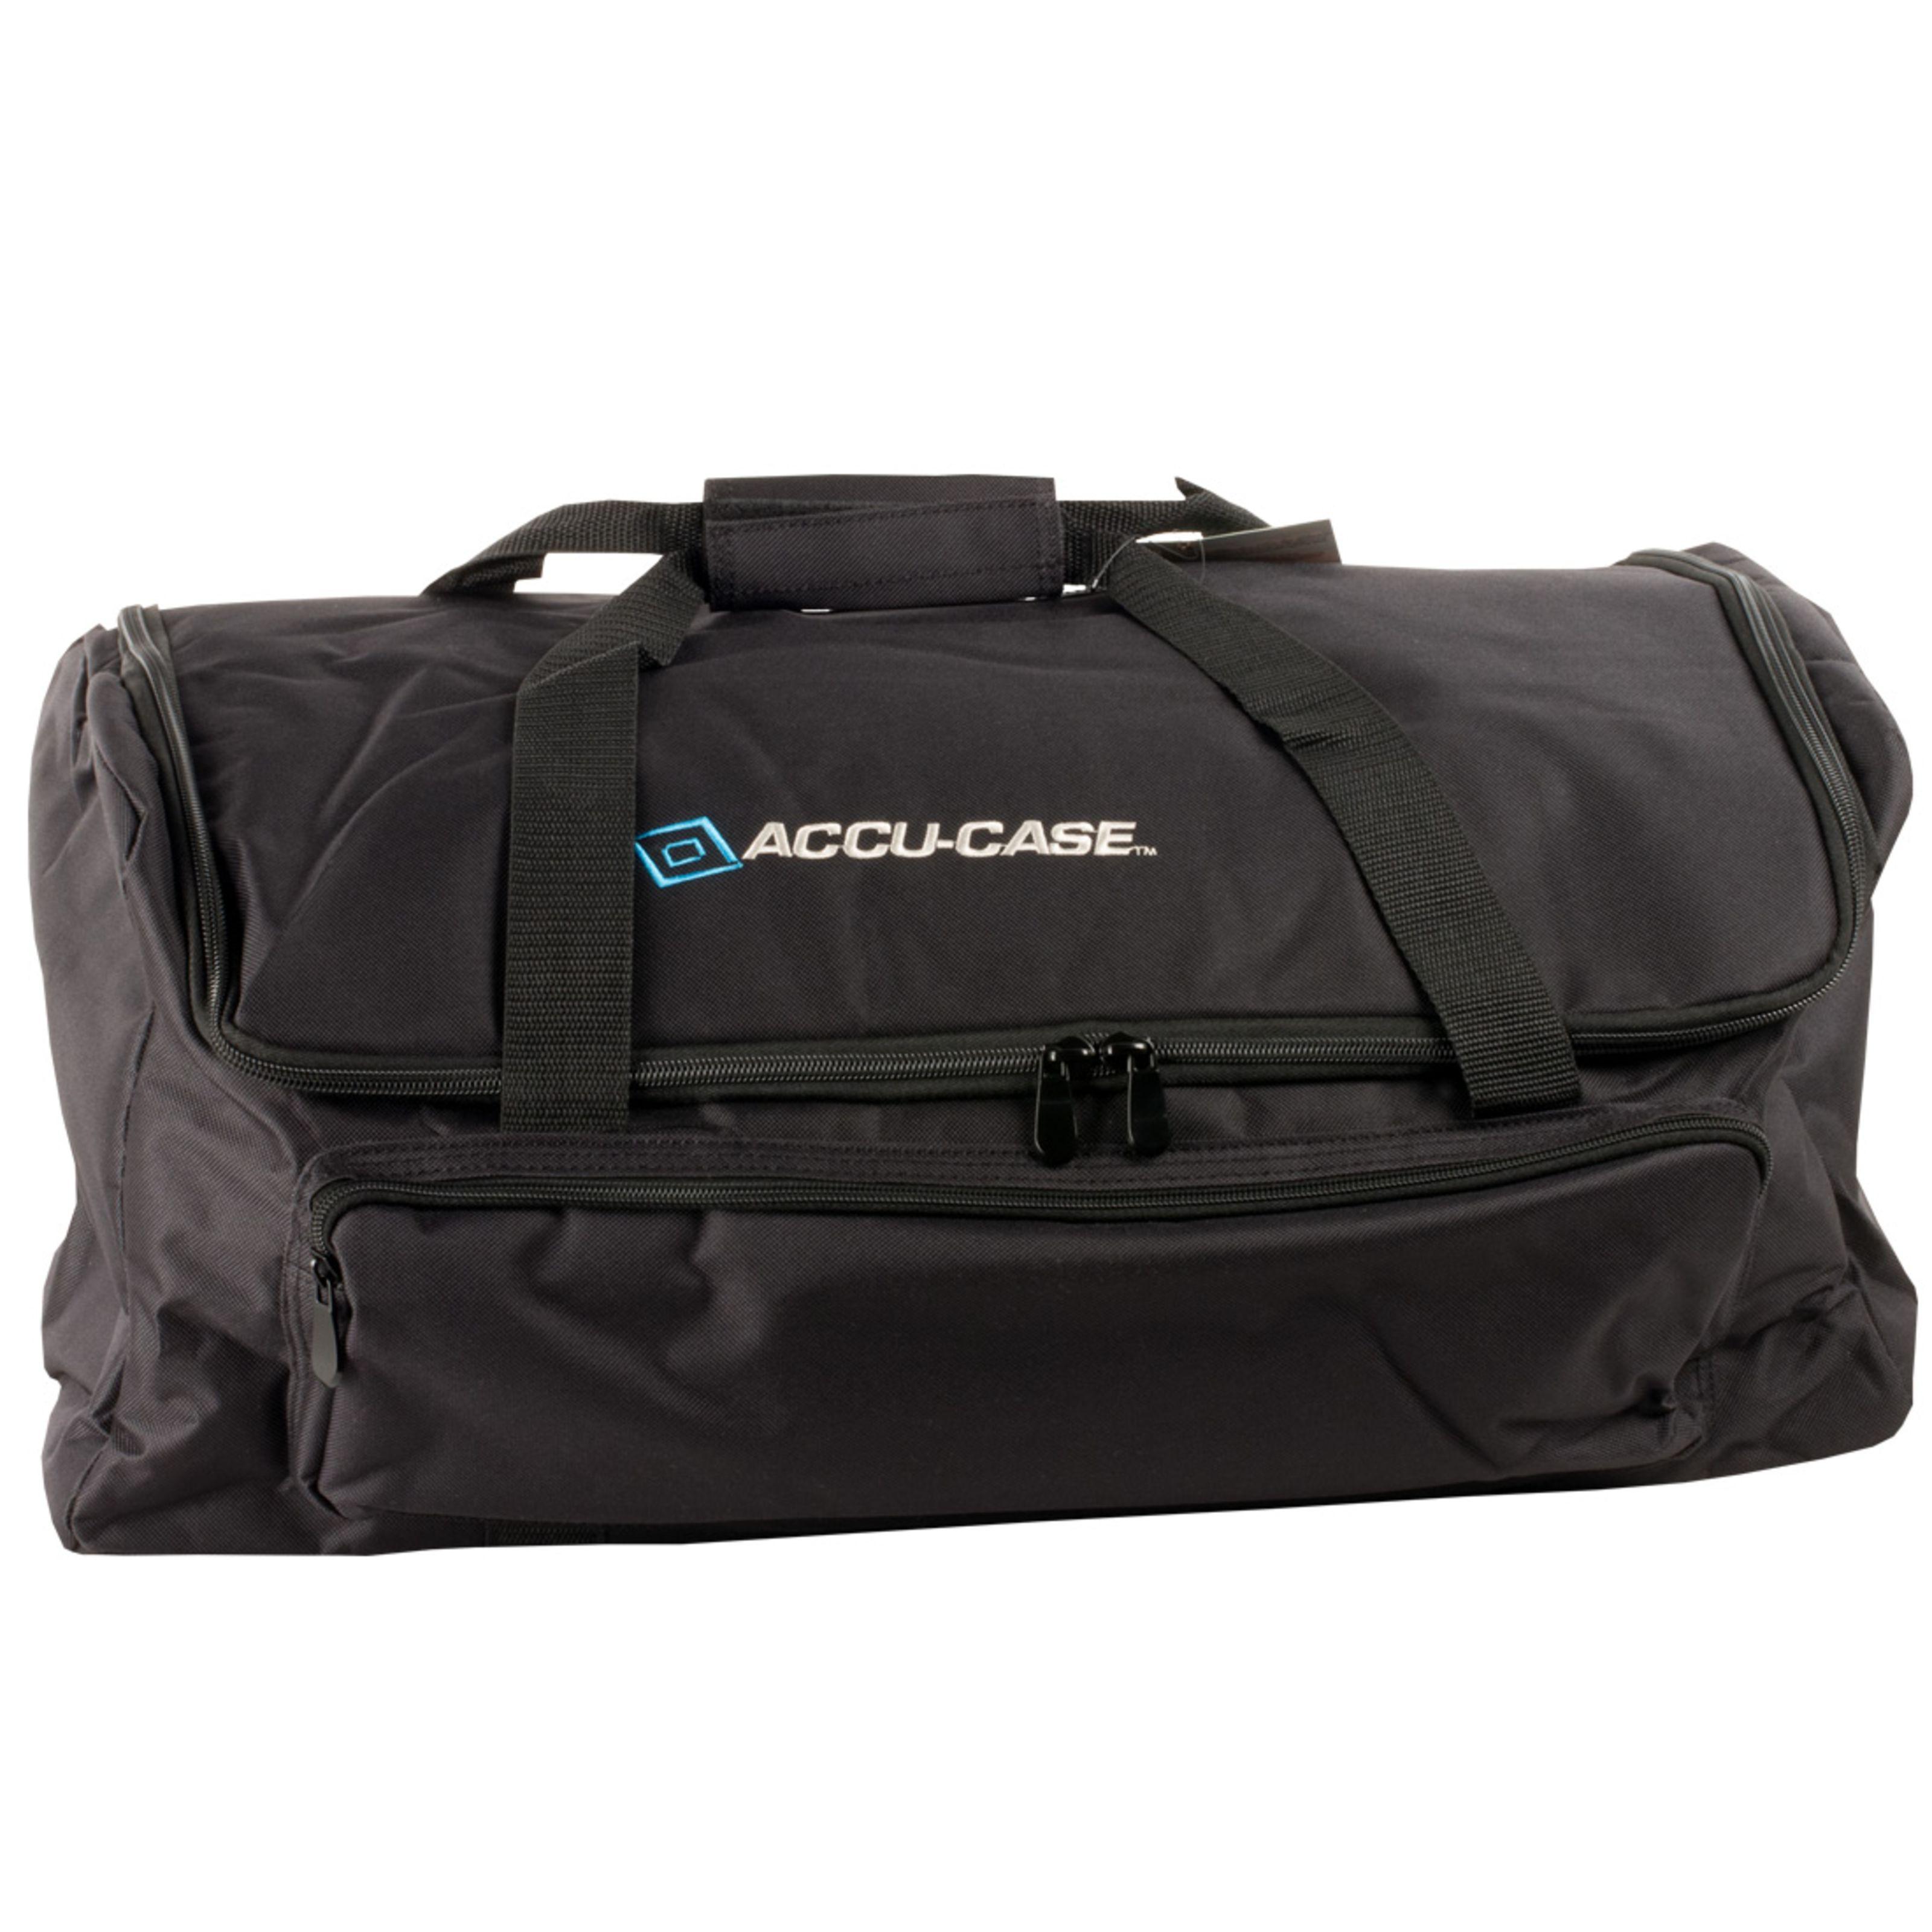 Accu Case - ASC-AC-140 Scannertasche 580 x 250 x 250 mm 6011000024